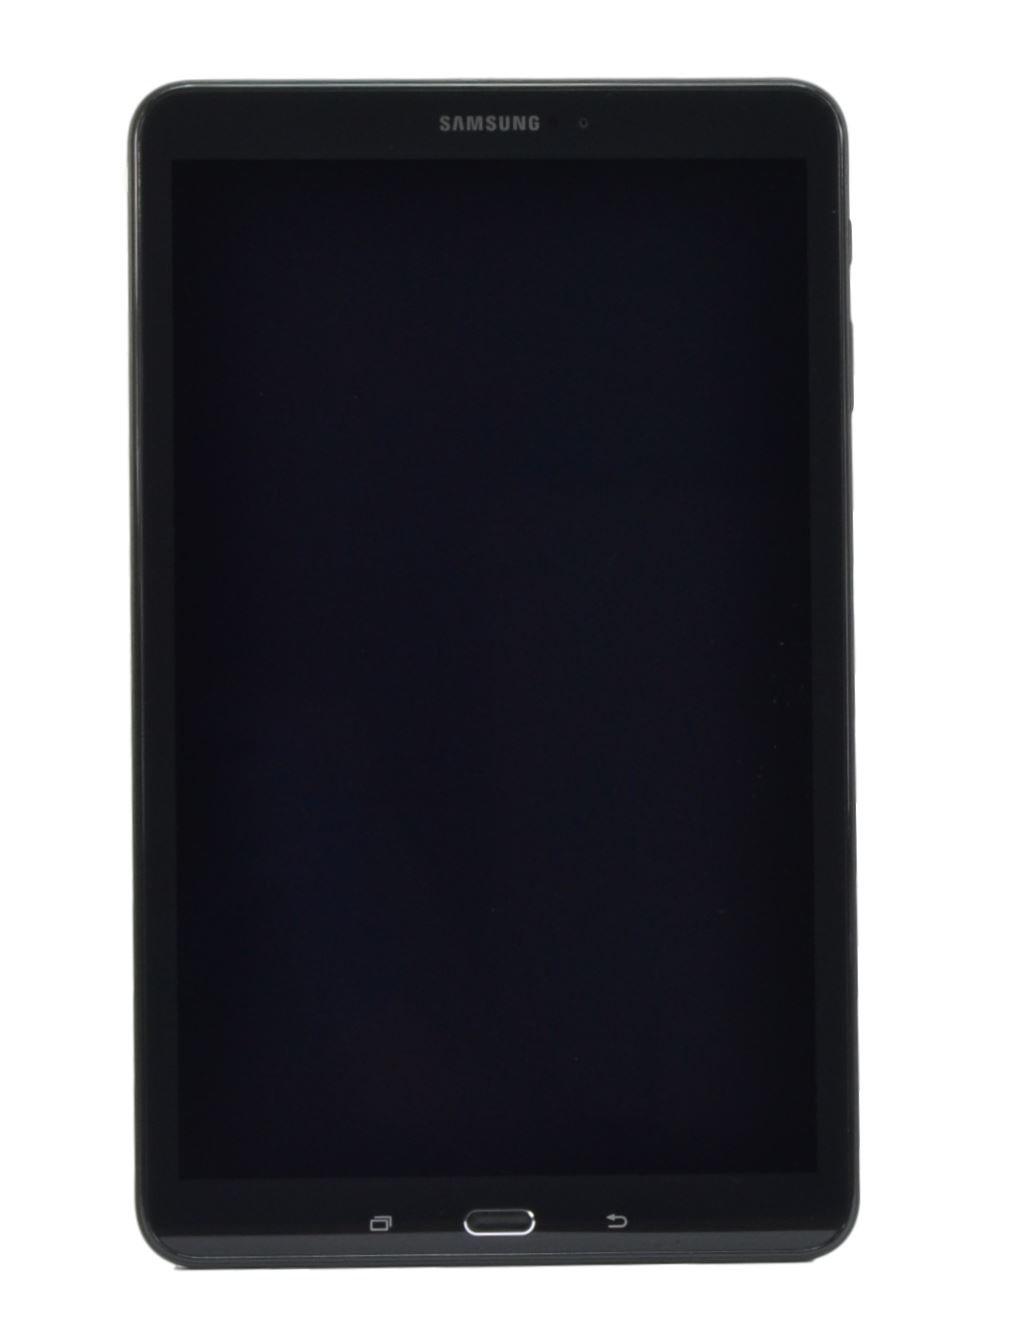 Samsung-Galaxy-Tab-A-10-1-T580-WiFi-2016-32GB-16GB-Tablet-in-All-Colours miniatura 6